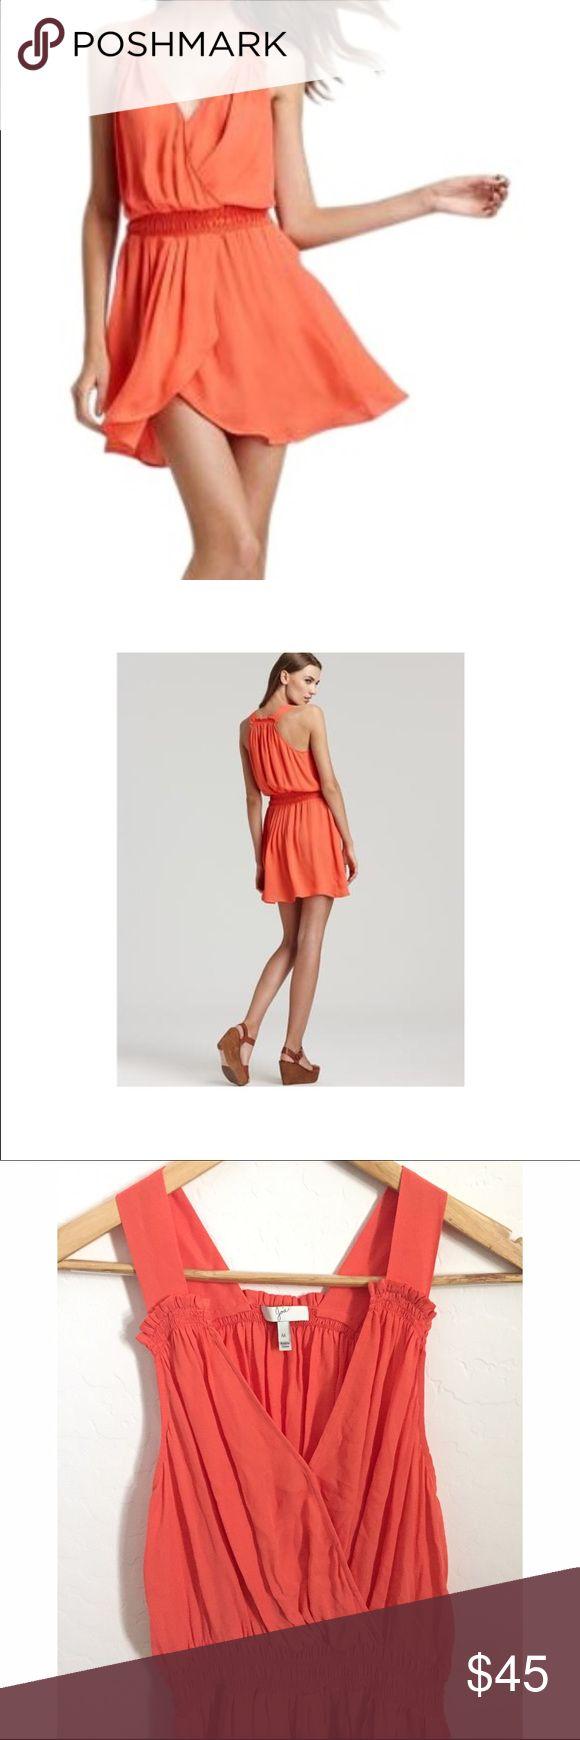 Joie Faux Wrap 'summer' Dress Gorgeous, flattering coral color, 100% silk, unlined, elastic waist  Front snap button closure, front wrap detail. Size medium Joie Dresses